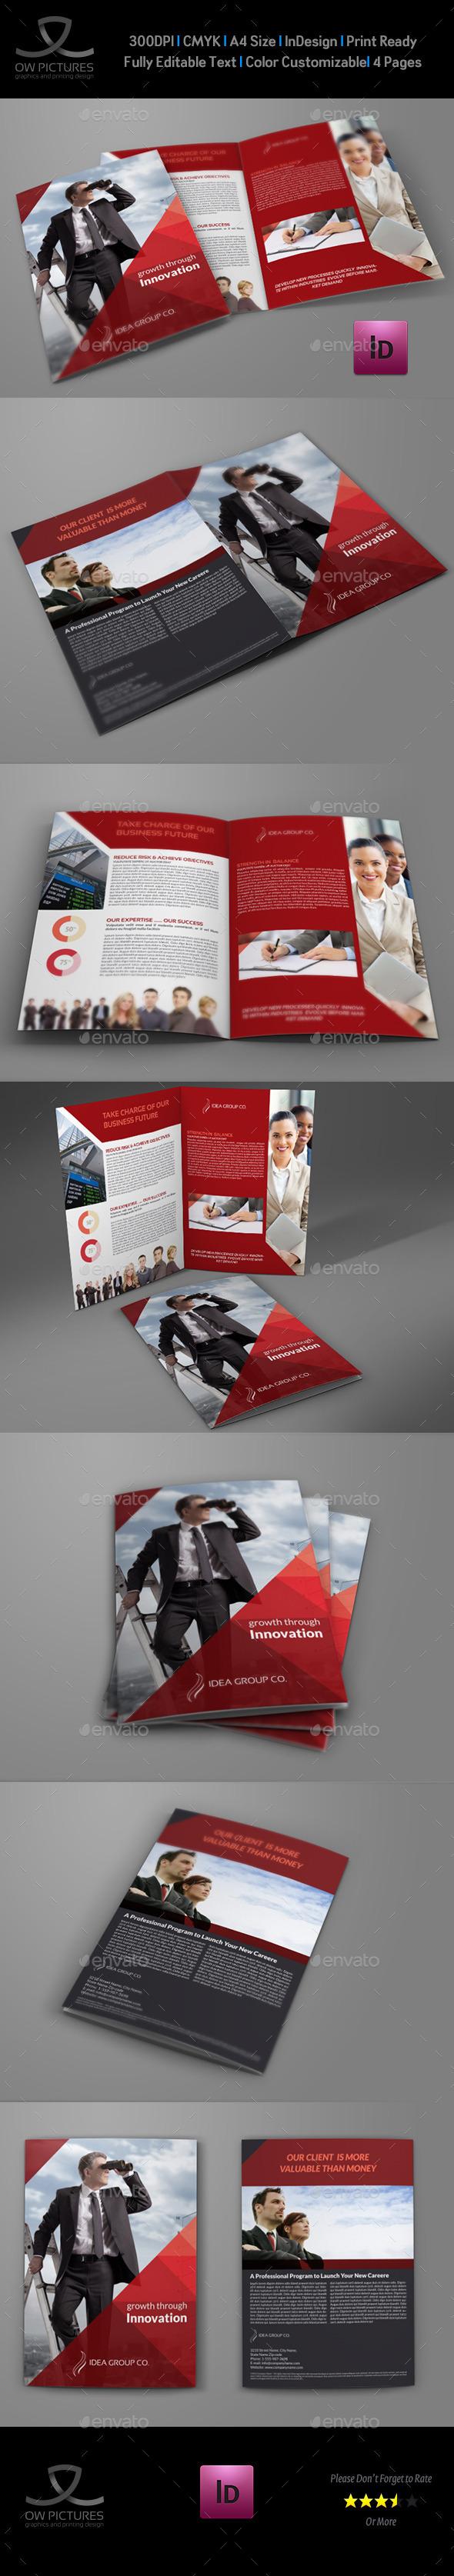 GraphicRiver Company Brochure Bi-Fold Template Vol.37 9492956